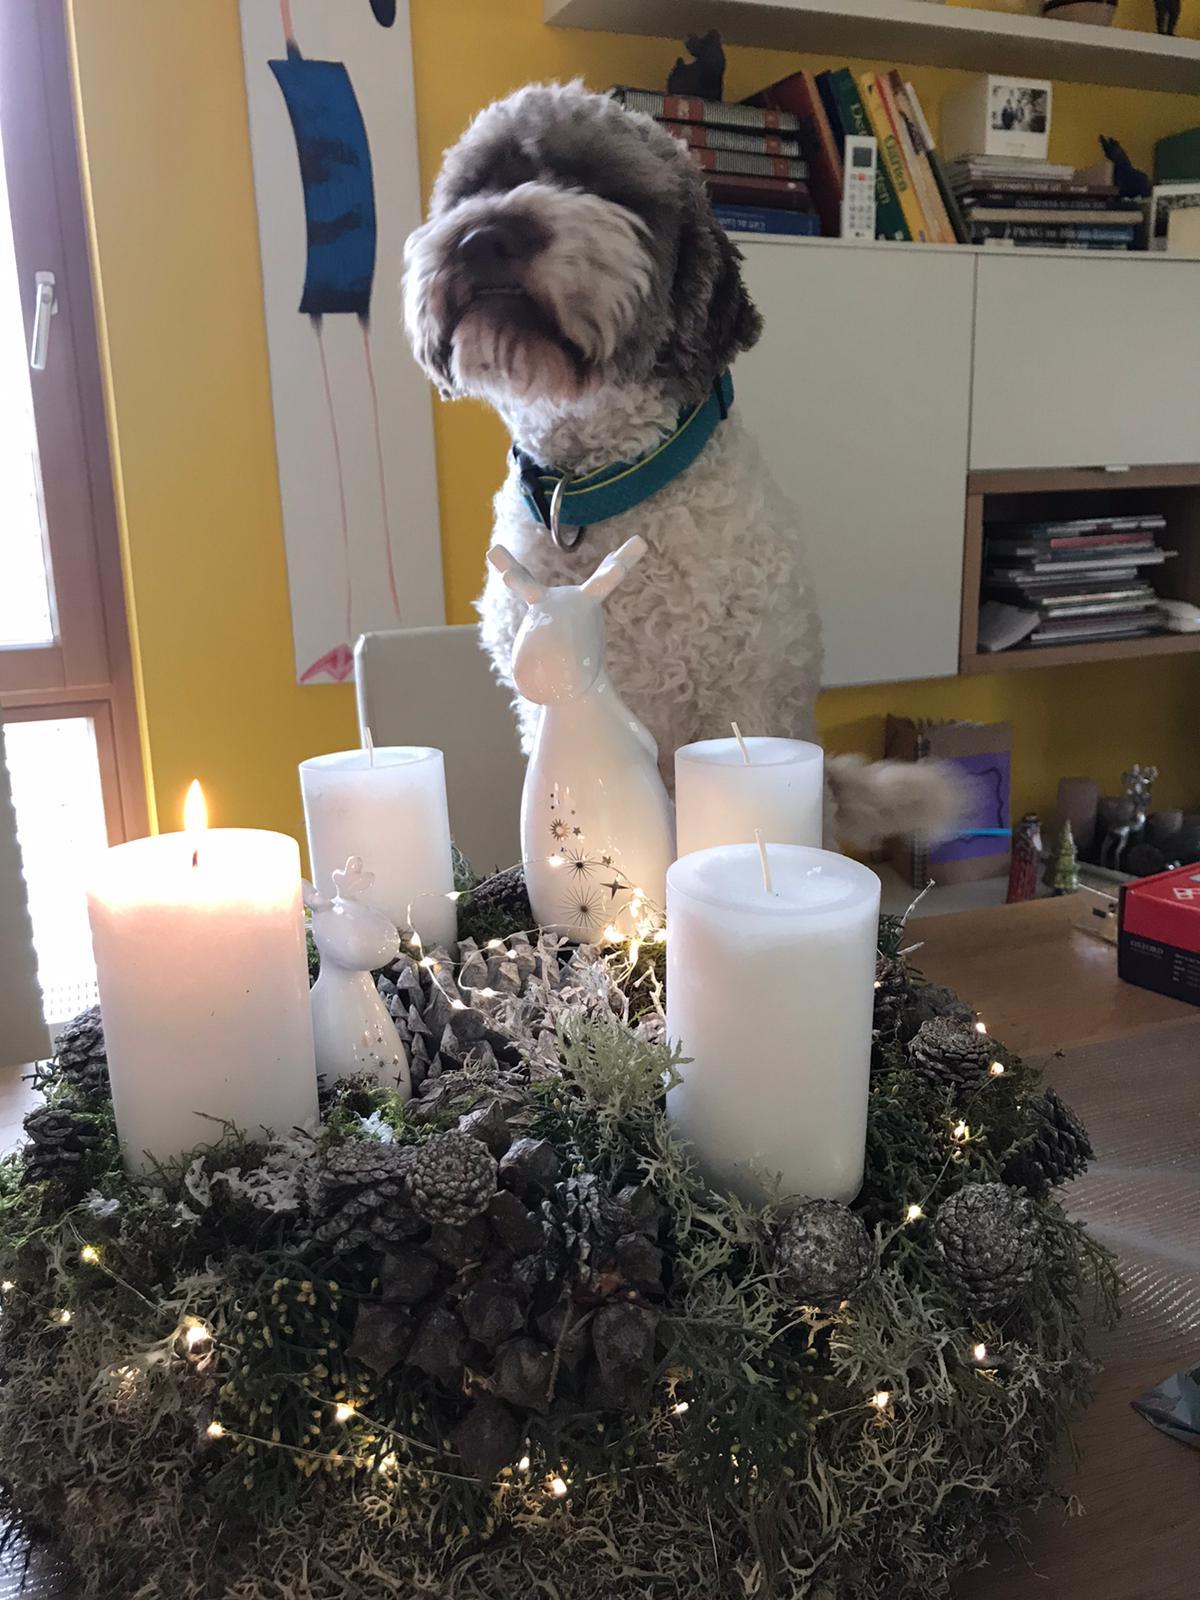 Fina wünscht eine schöne Adventszeit